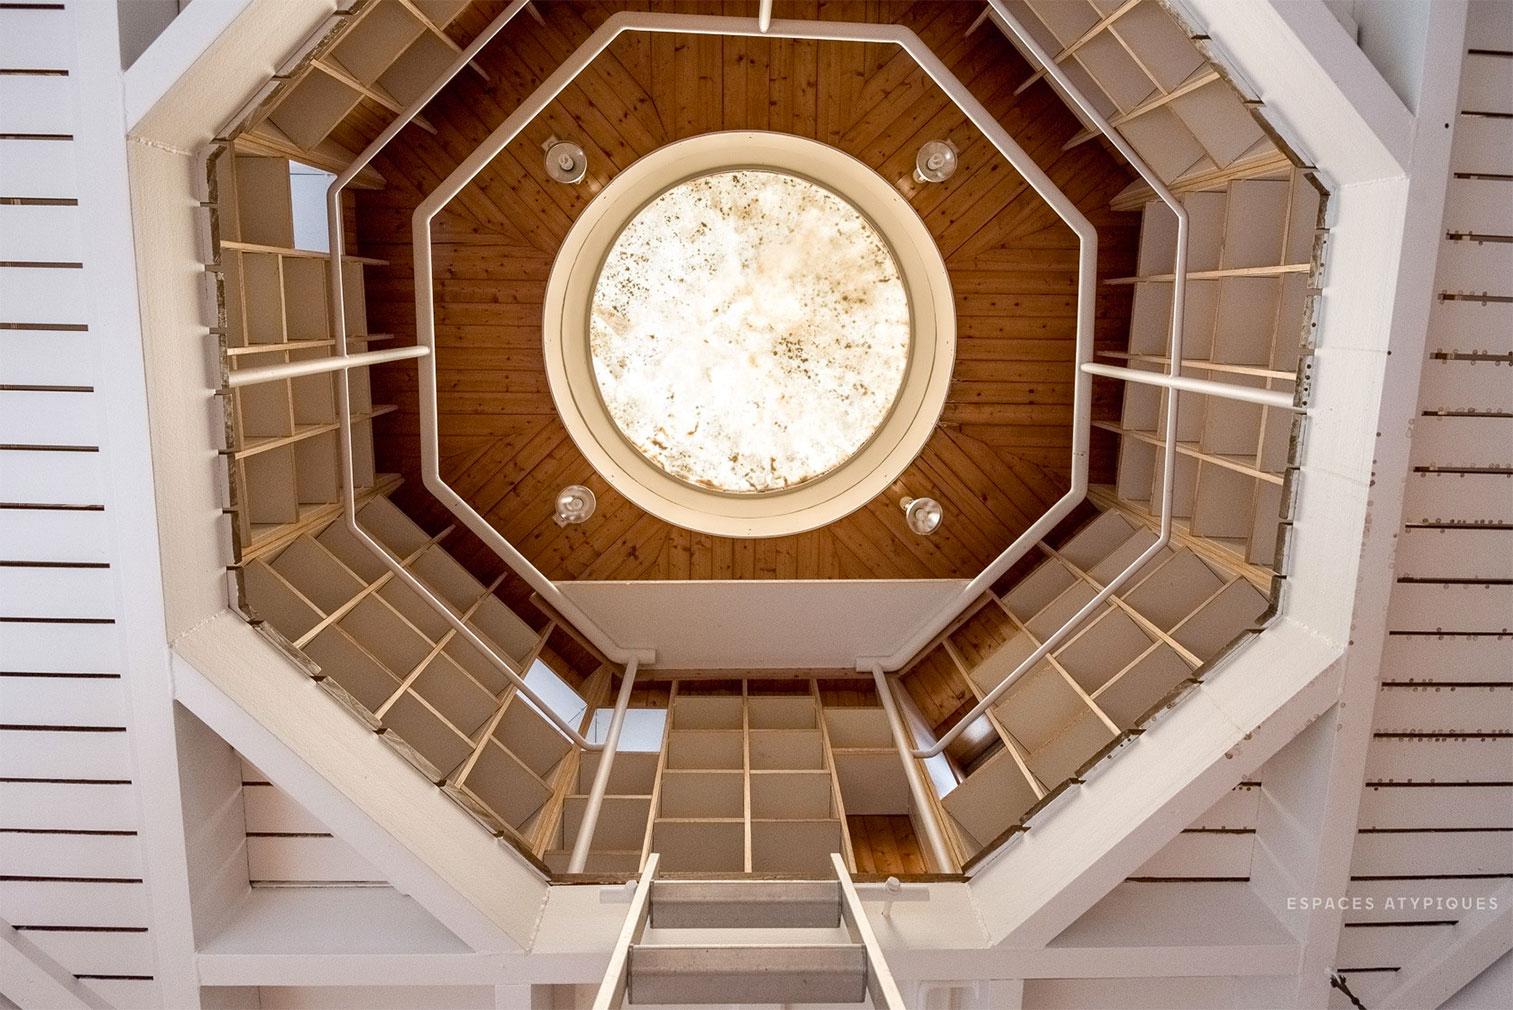 Utopie house by Marc Held in Paris, France